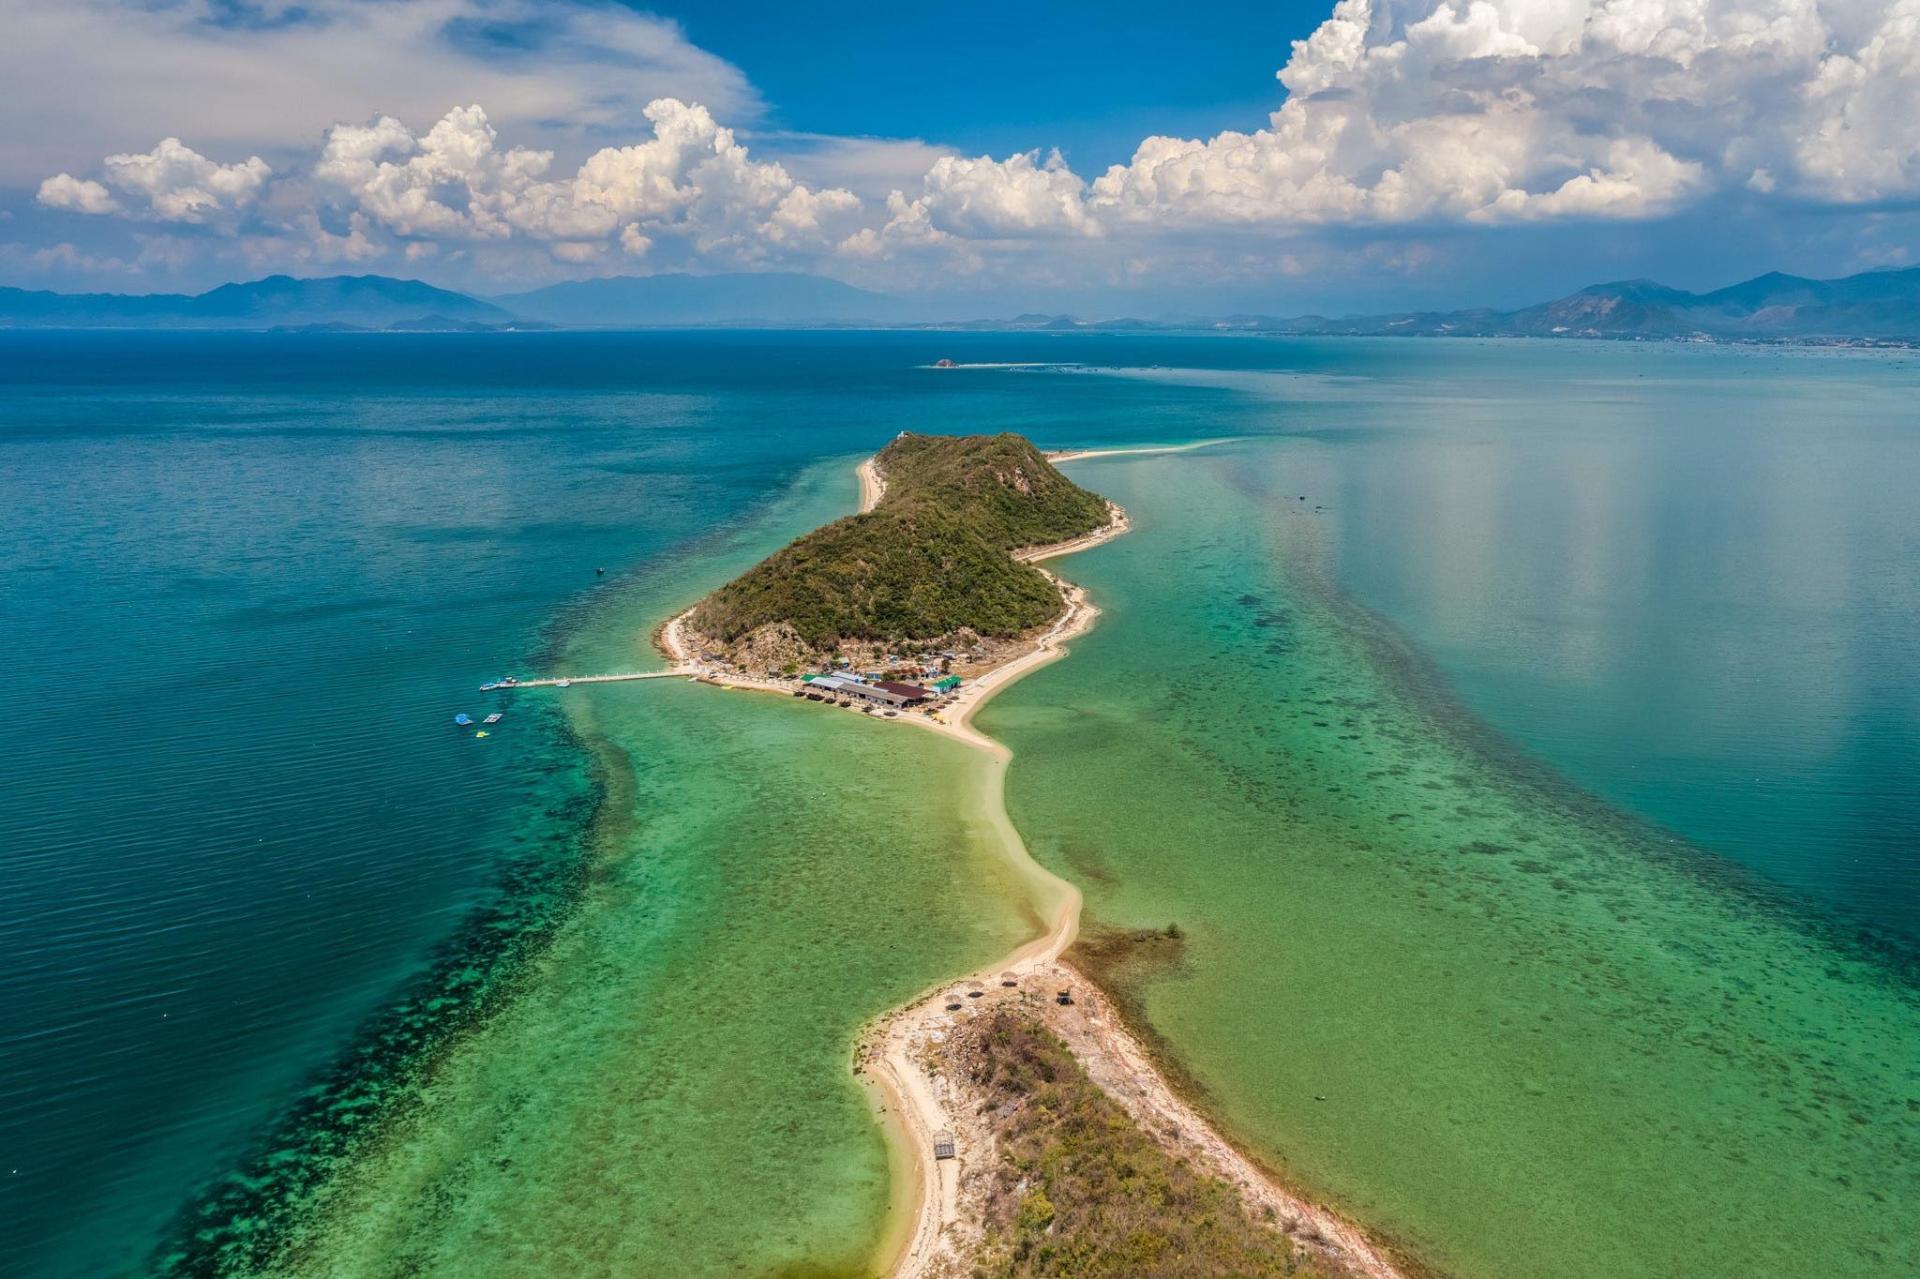 Vẻ đẹp nguyên sơ của đảo Điệp Sơn nhìn từ trên cao